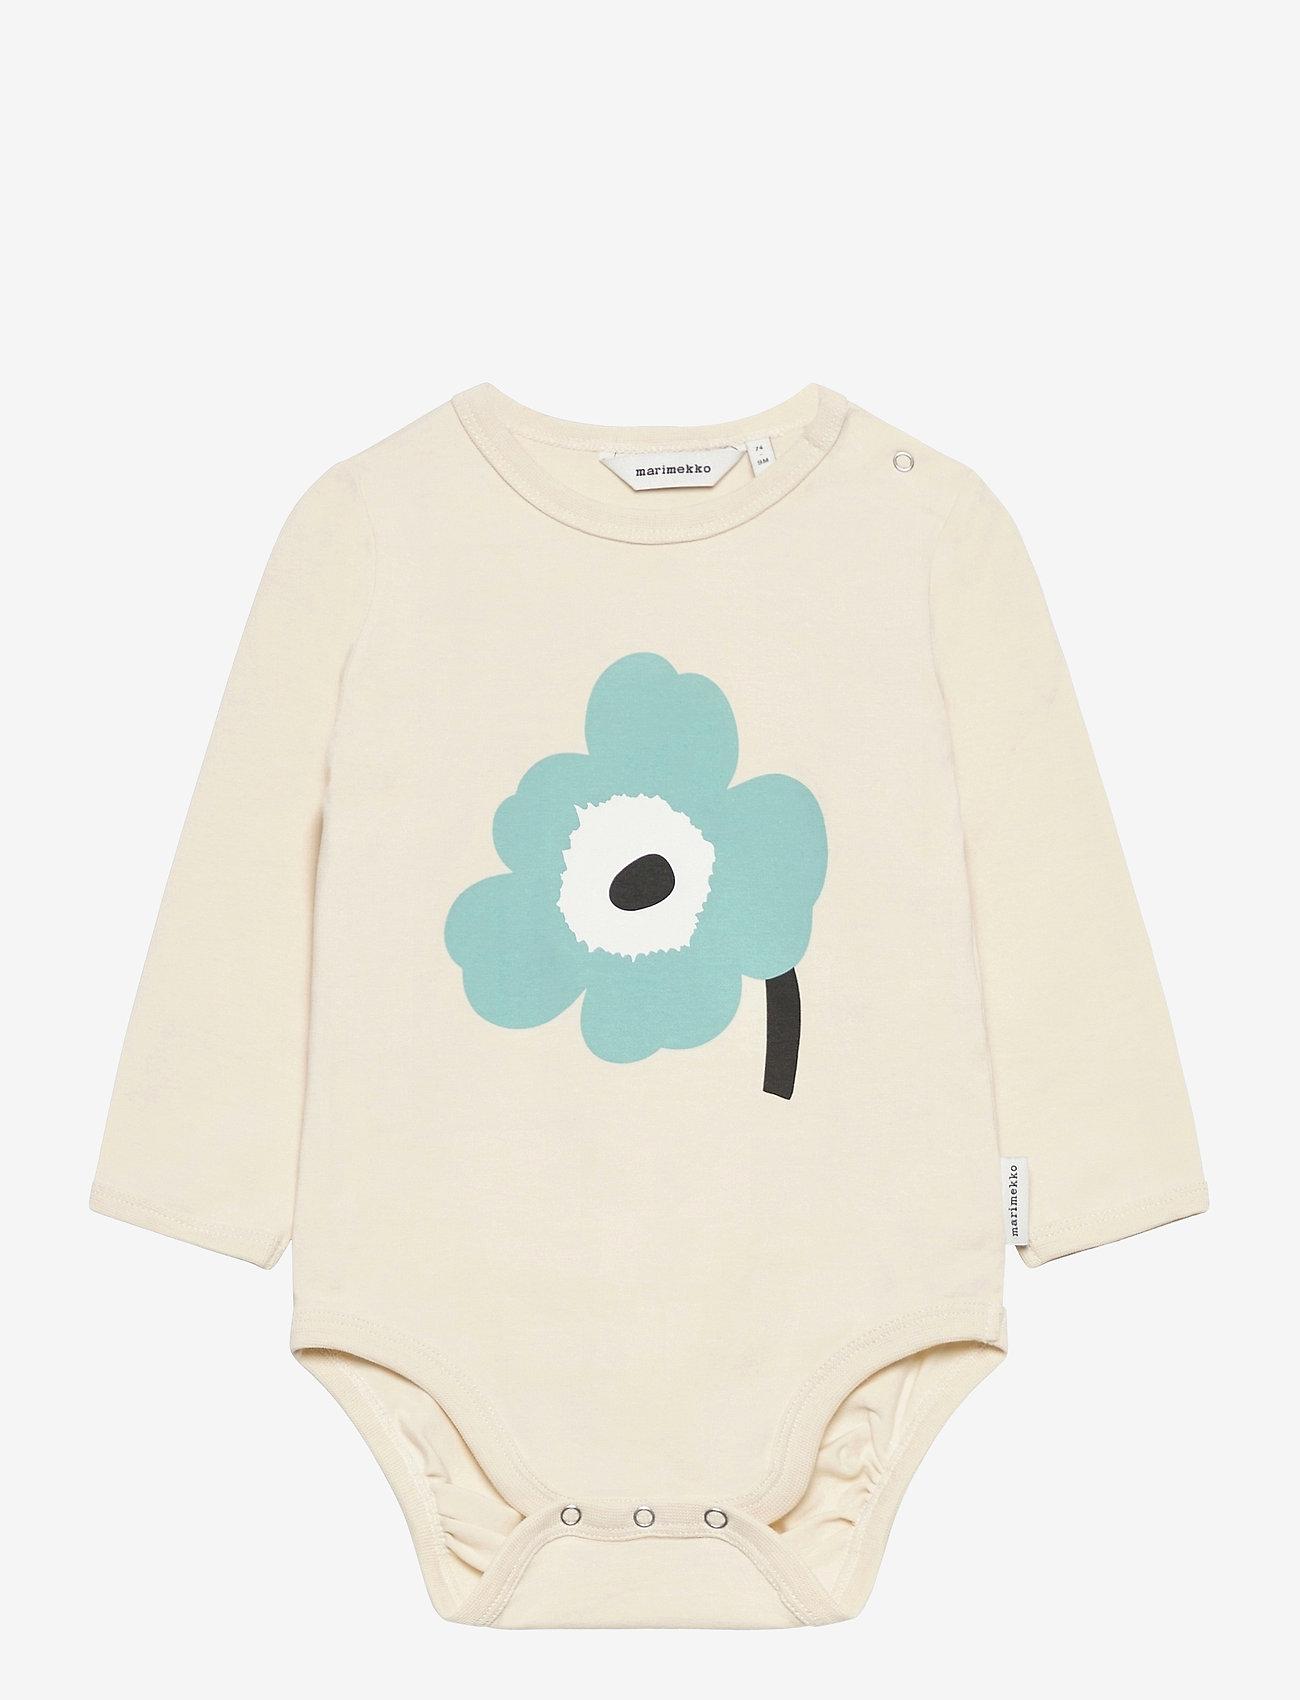 Marimekko - VINDE UNIKKO PLACEMENT BODYSUIT - długie rękawy - beige, light turquoise, black - 0